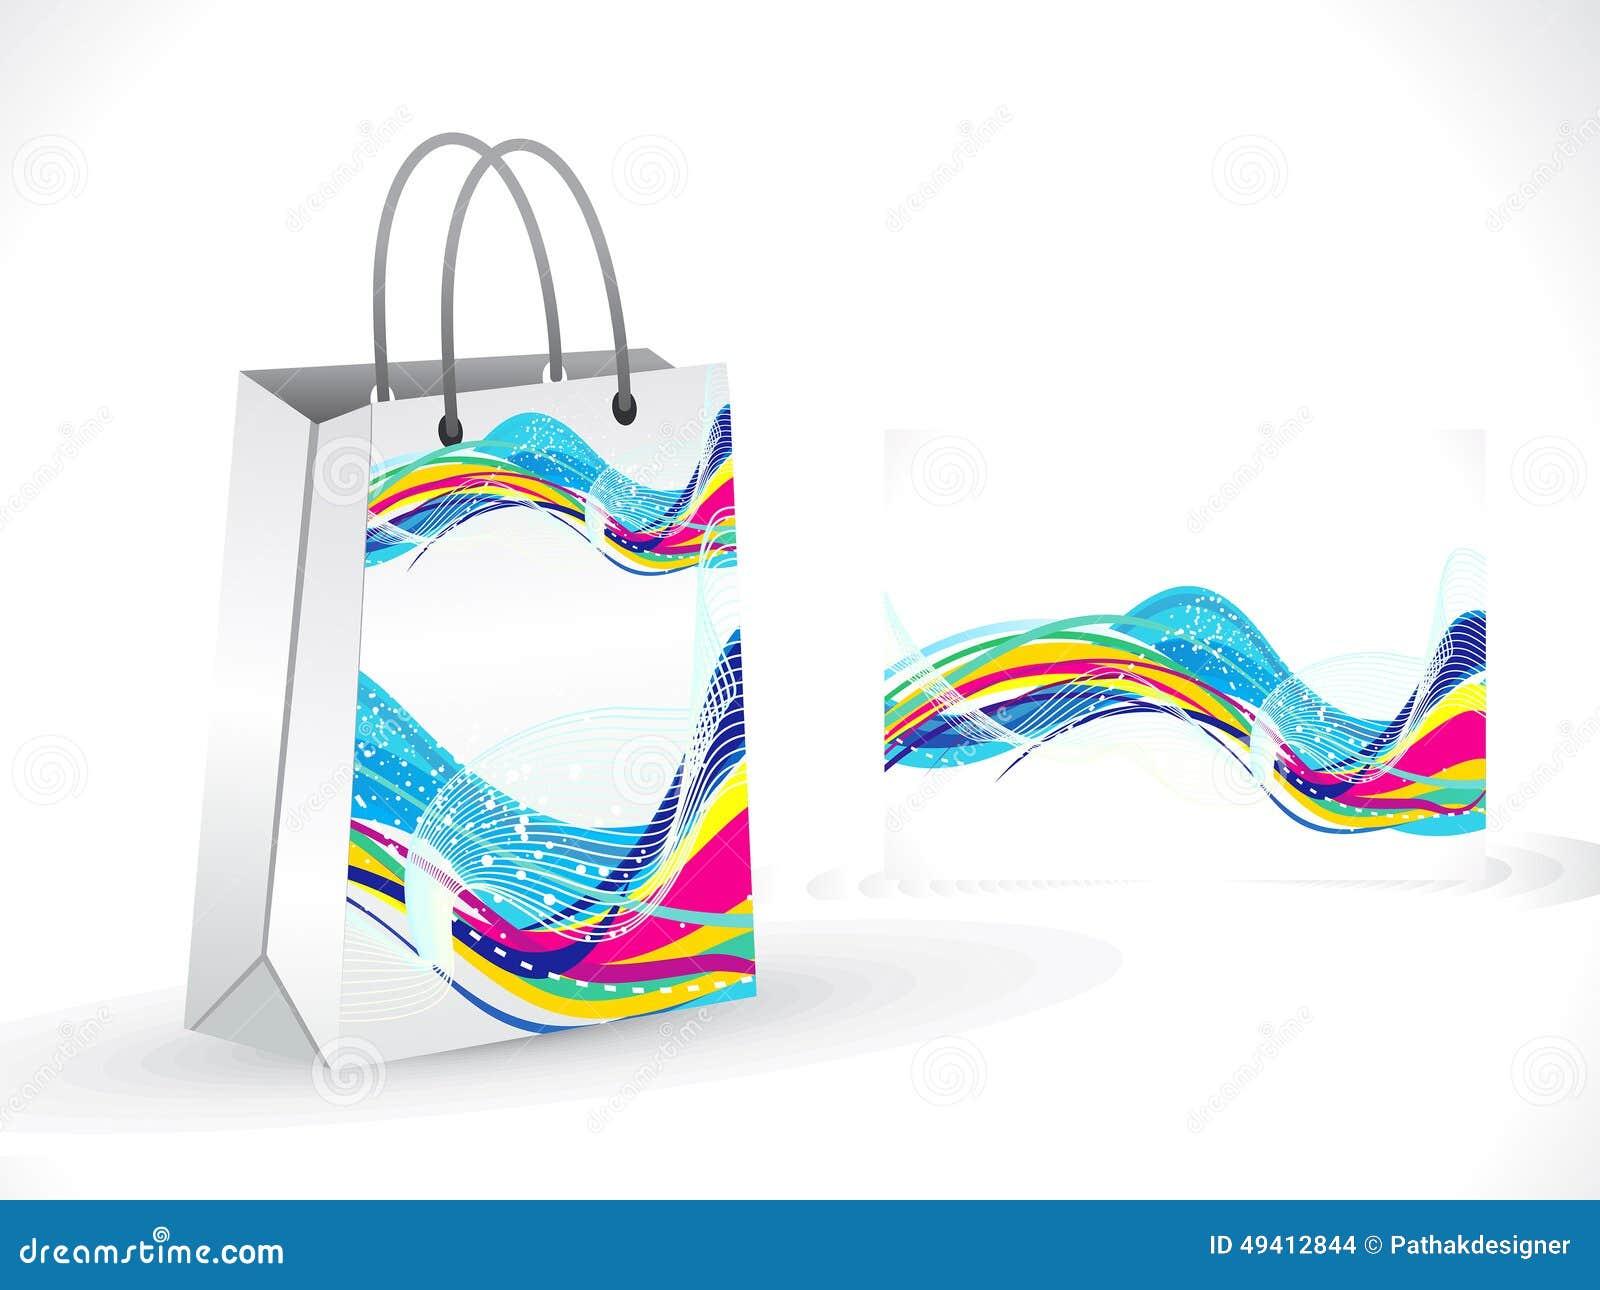 Download Abstrakte Künstlerische Bunte Einkaufstasche Vektor Abbildung - Illustration von fälschung, geburtstag: 49412844